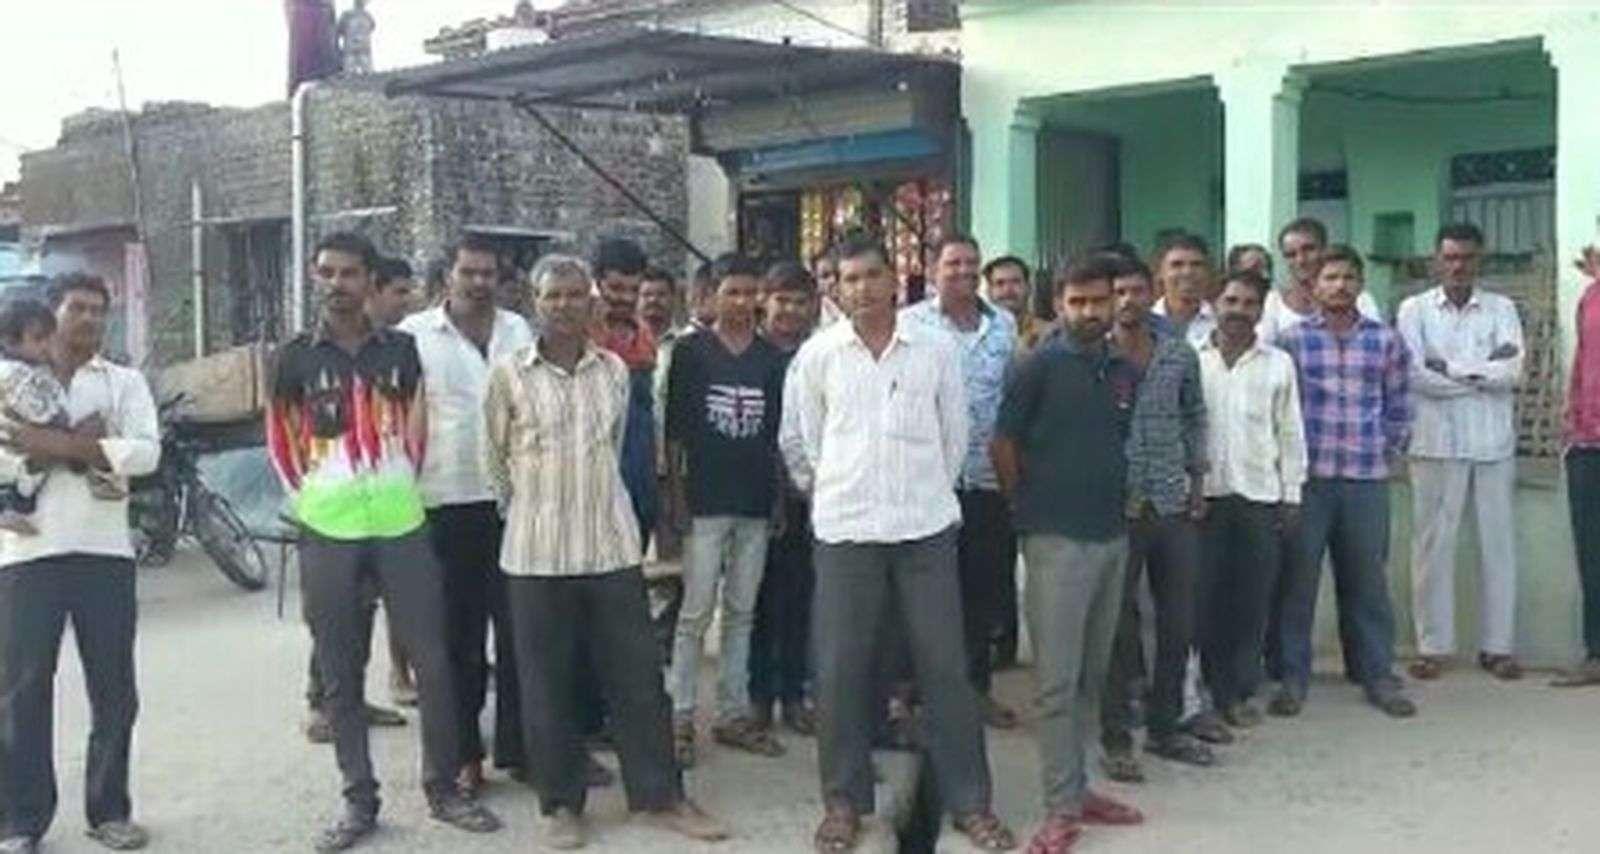 जिले के कई गांवों में मतदान का बहिष्कार, अफसर जुटे ग्रामीणों को मनाने में